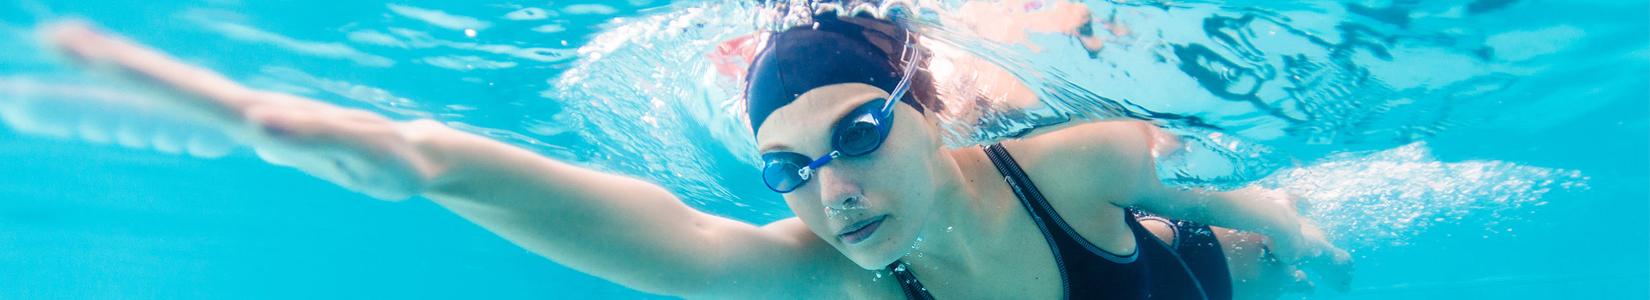 La loi en france c piscines produits et for Securite piscine loi